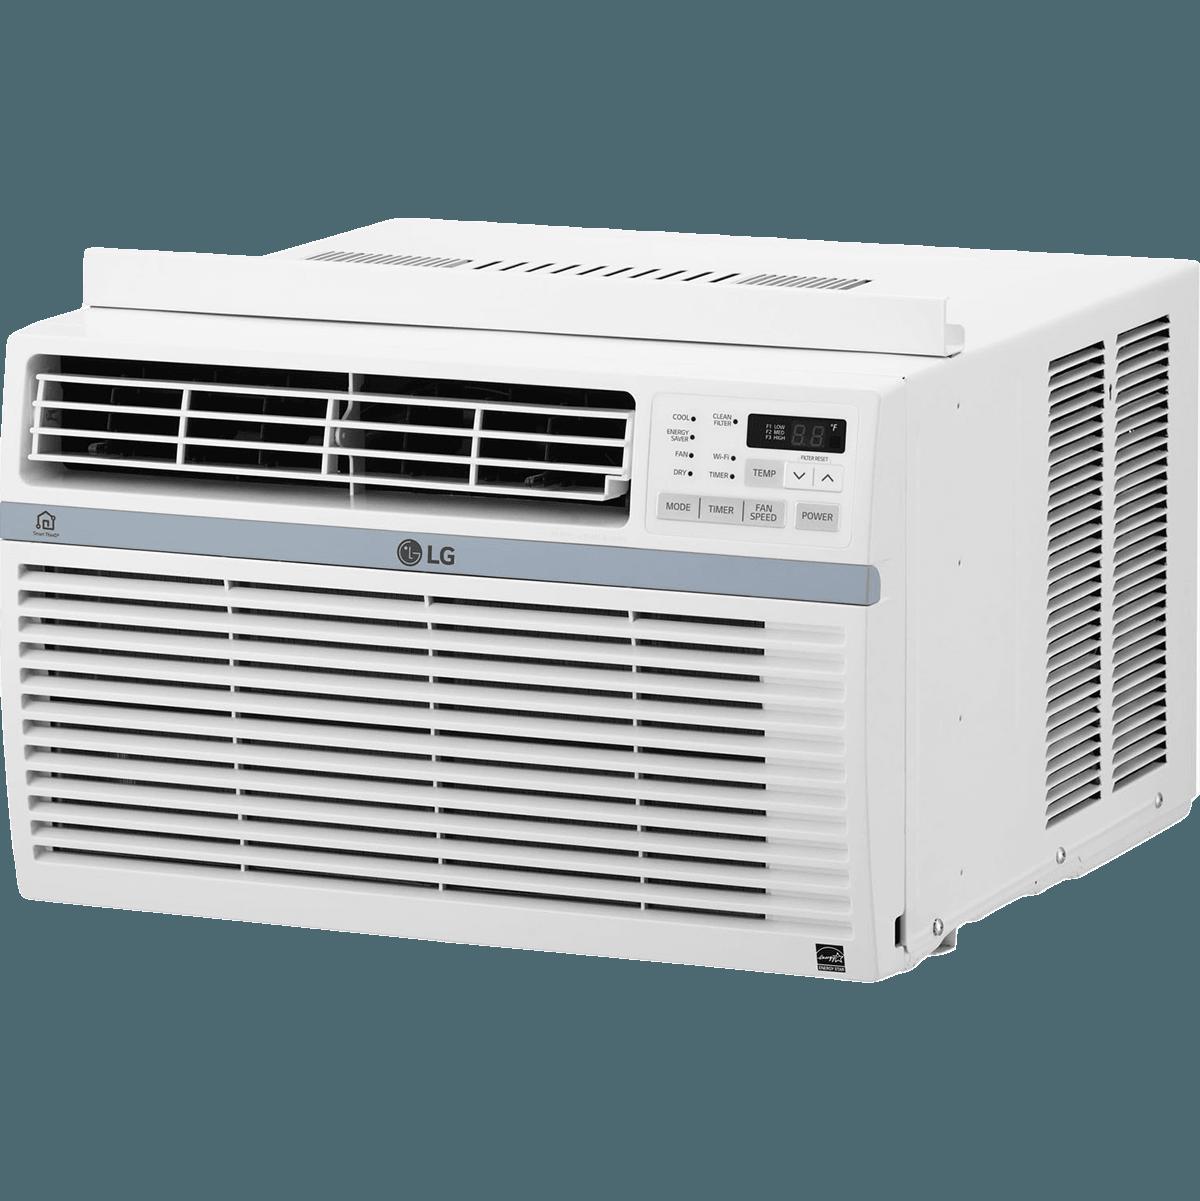 LG 8,000 BTU Window AC w/ WiFi Controls (With images